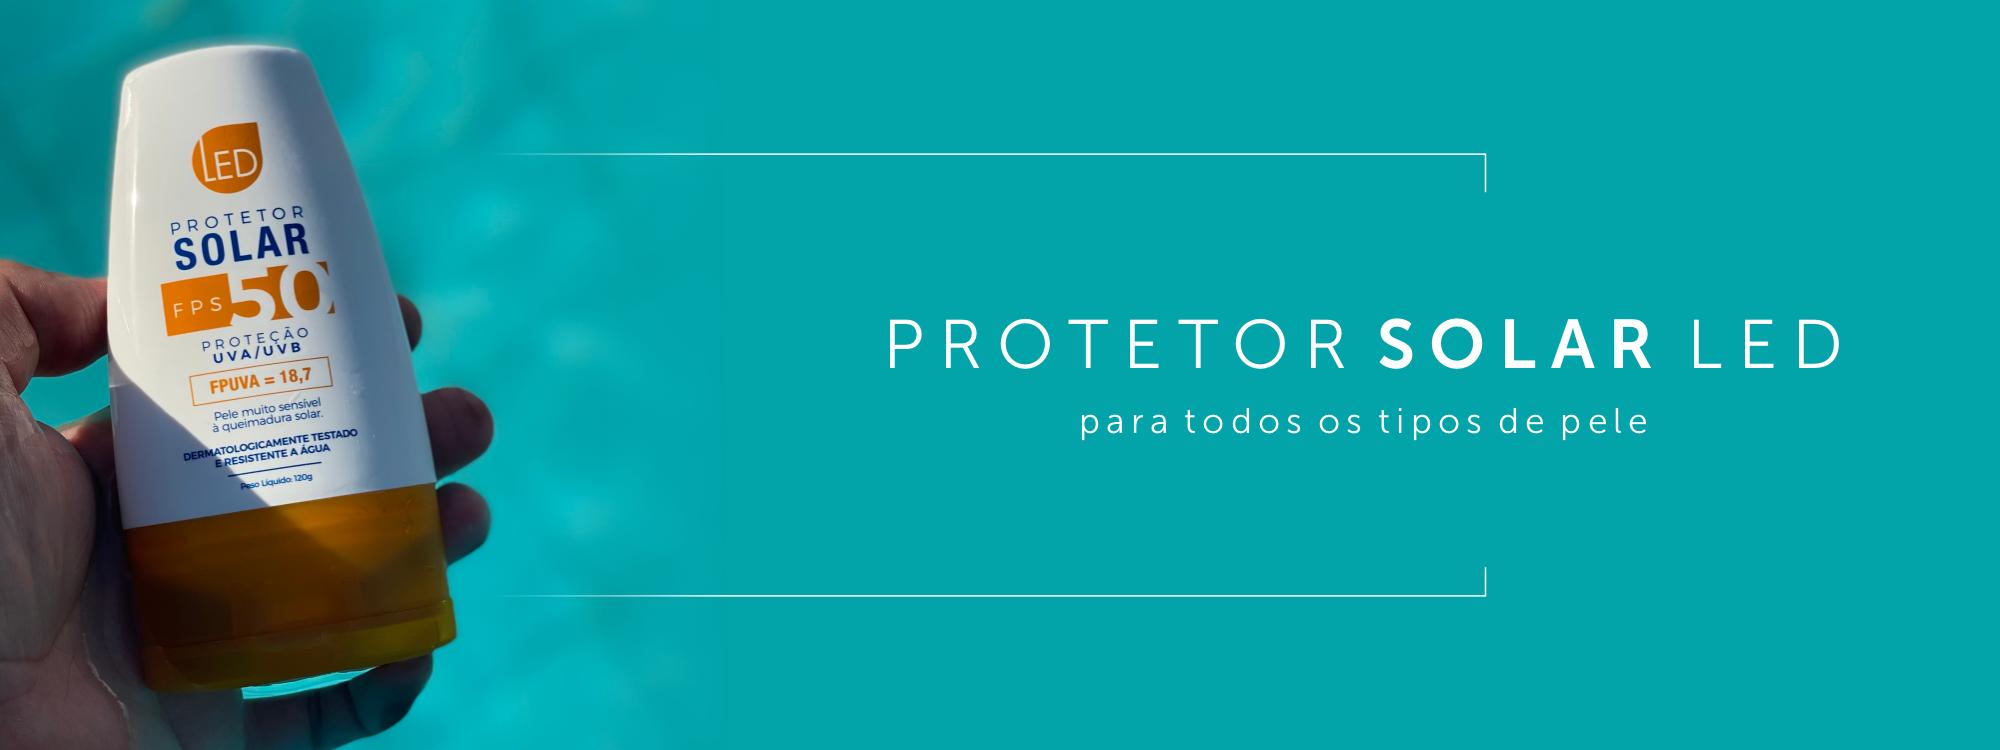 LED – Evolução Dermatológica | Indústria Cosmética especializada no atendimento à manipulação farmacêutica | Campinas – São Paulo